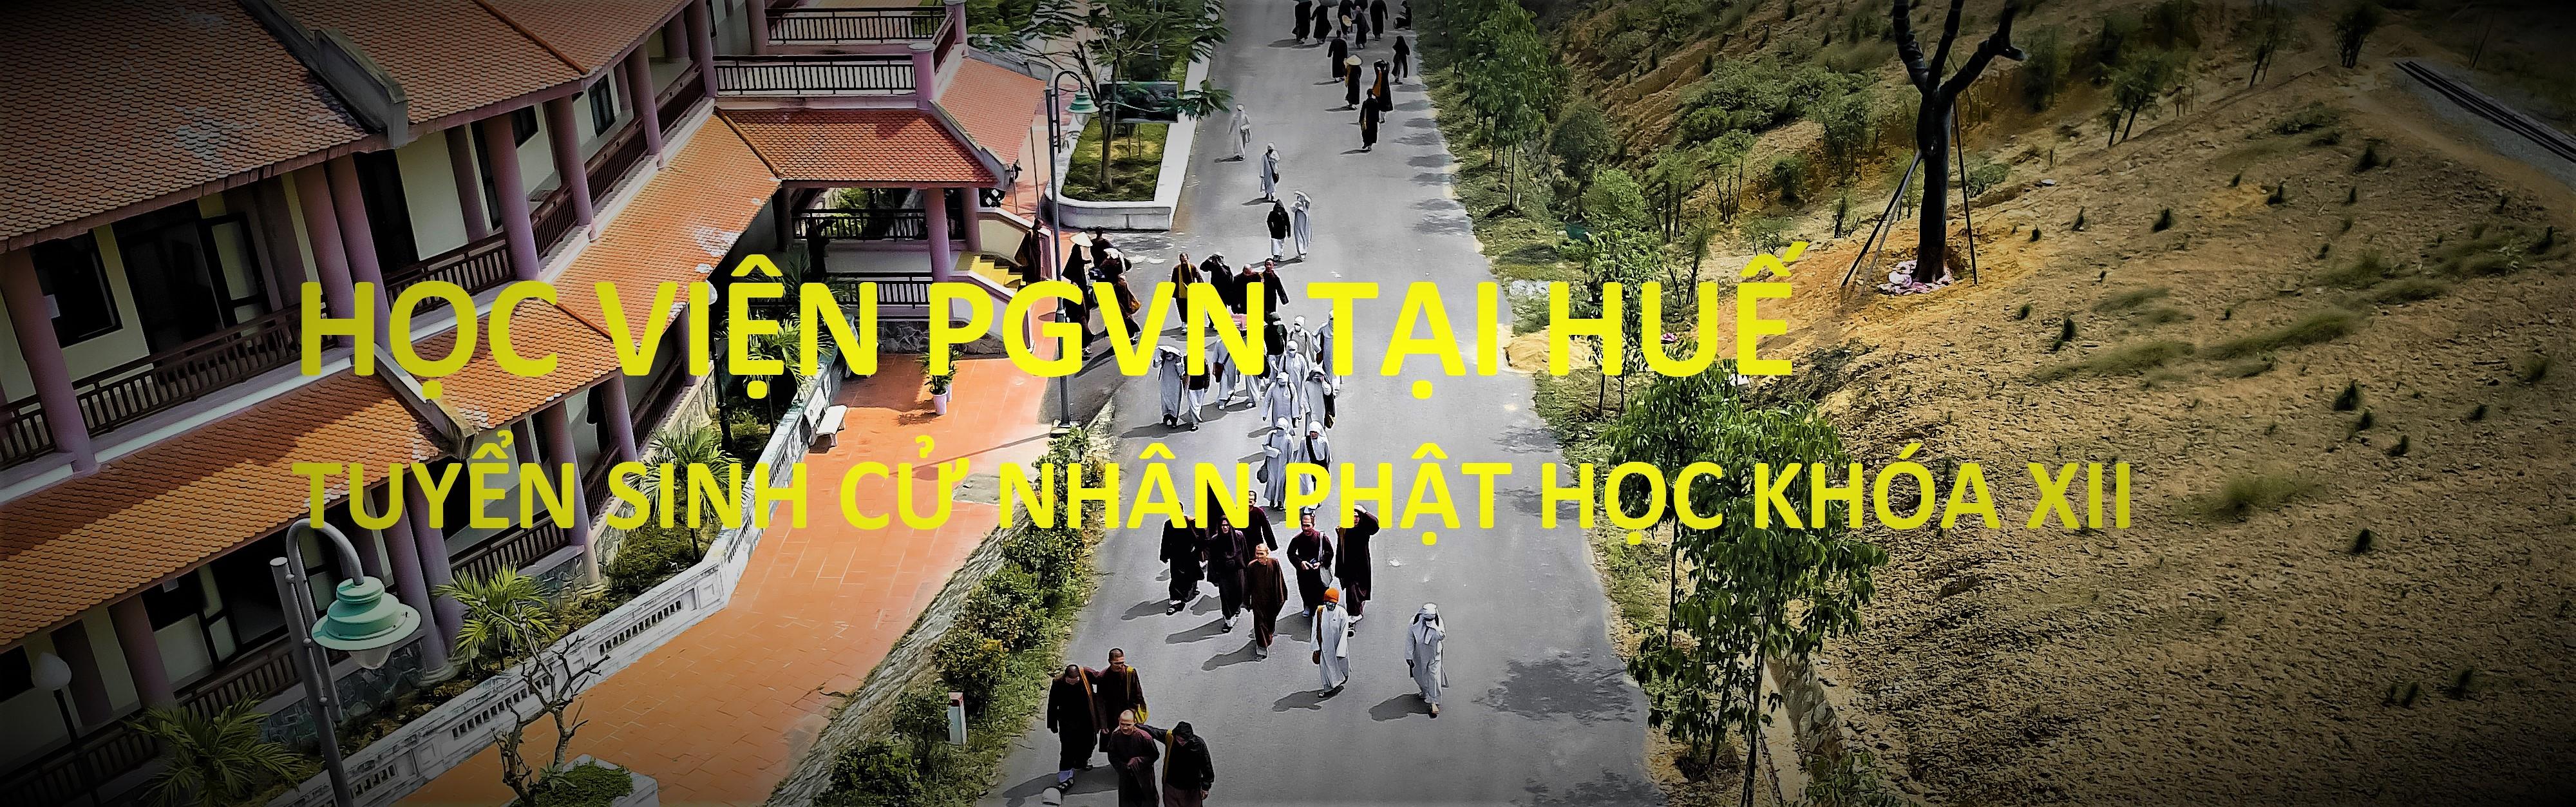 Học viện PGVN tại Huế thông báo tuyển sinh Cử nhân Phật học khóa XII (2021-2025)